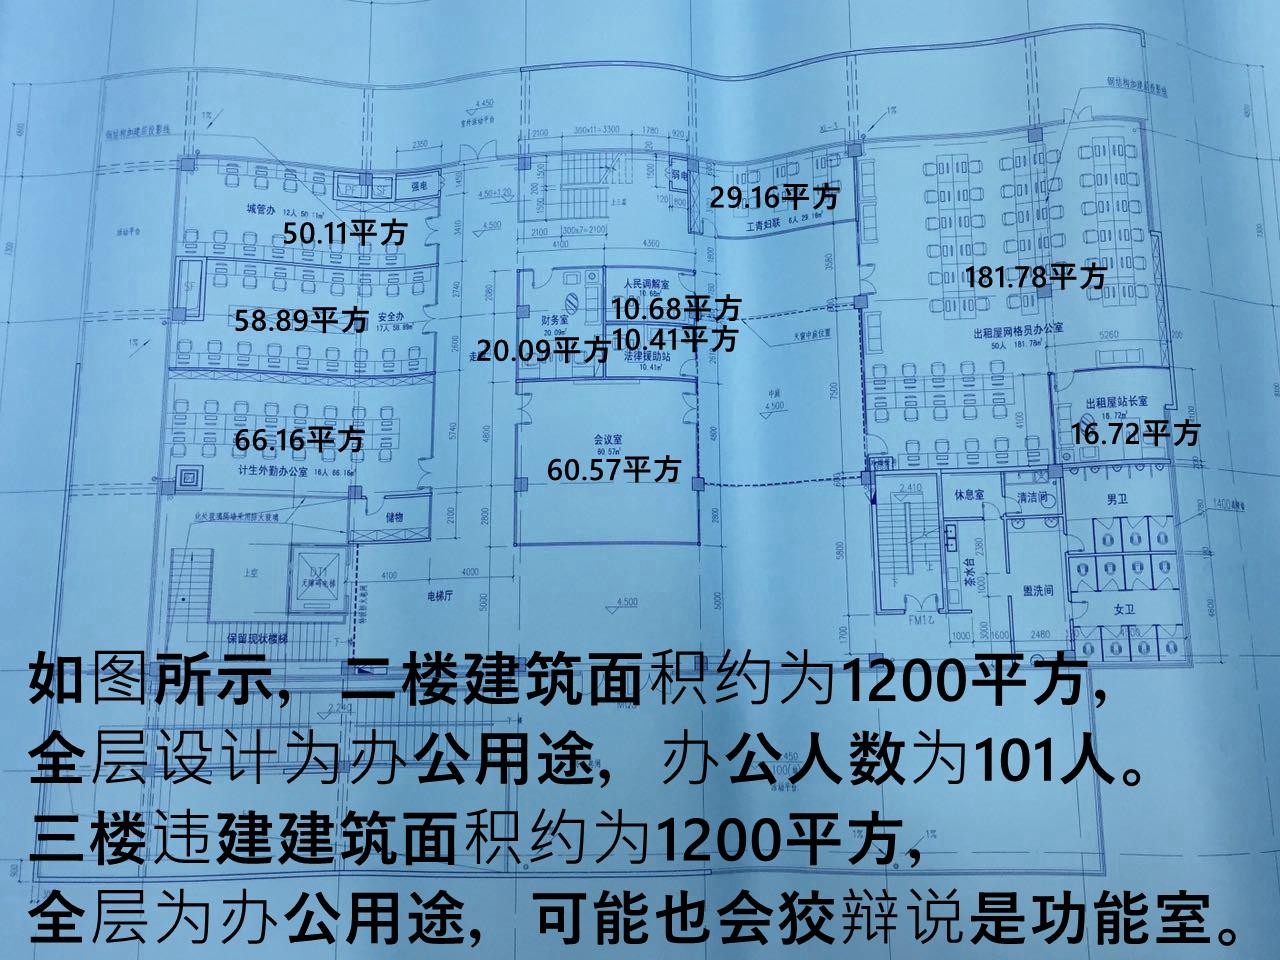 改变规划后图2_副本_副本.jpg